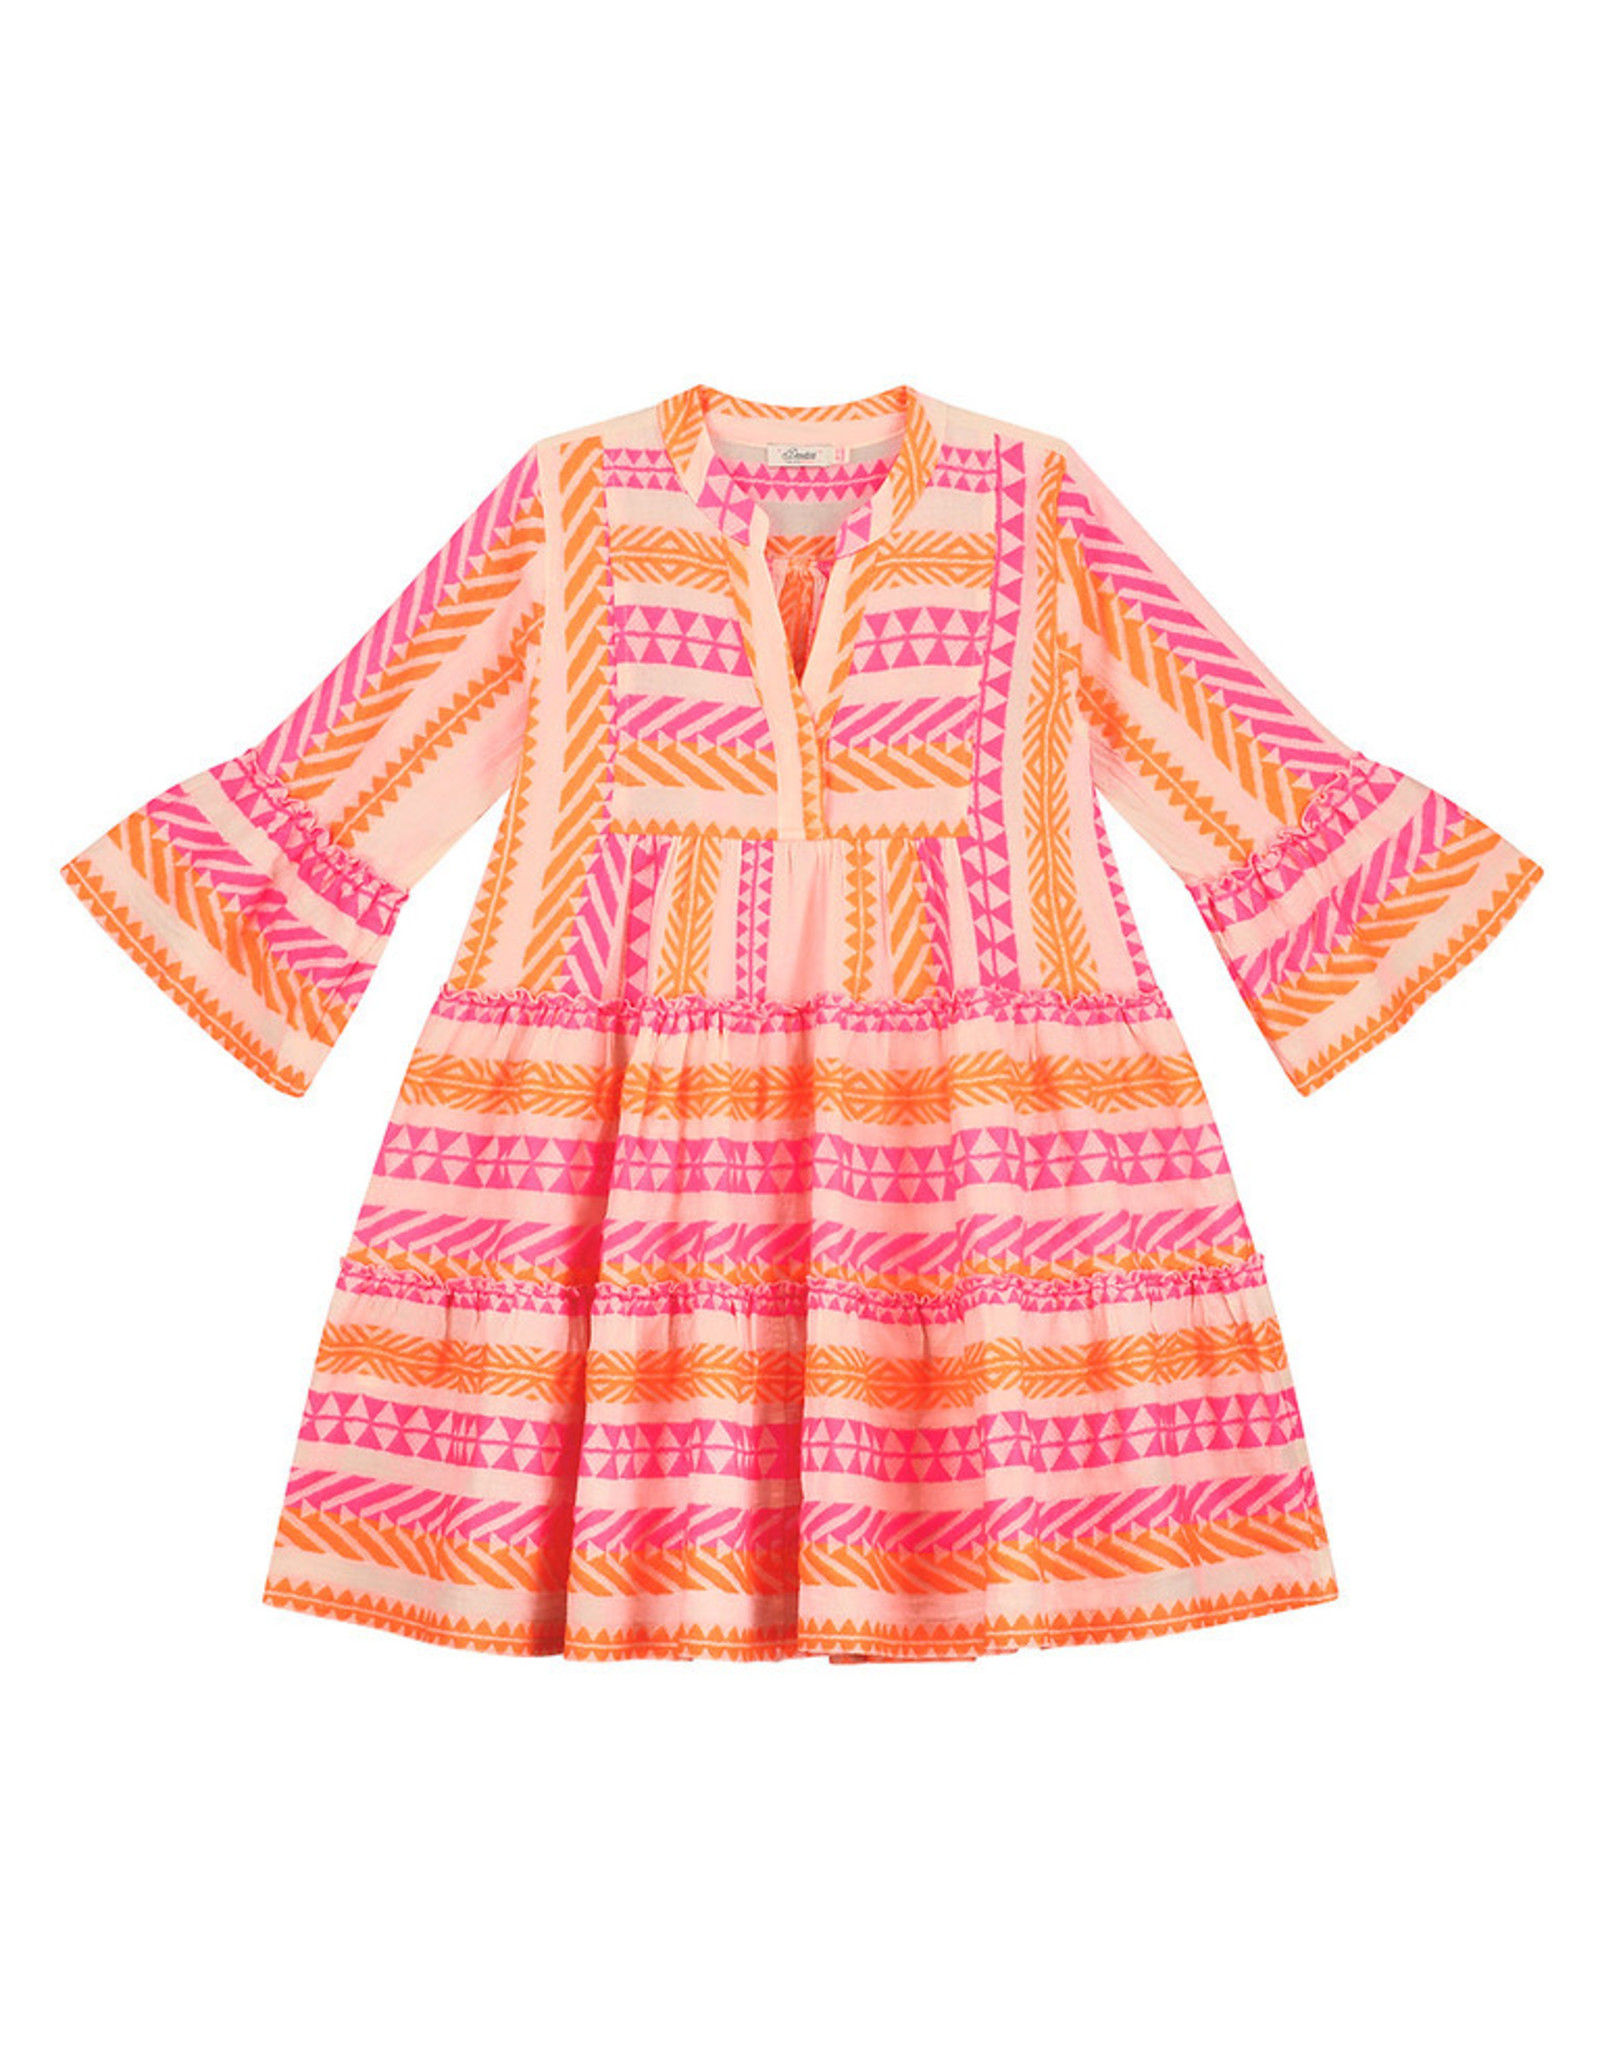 Devotion Short Dress Ella Stars Neon Pink Neon Orange